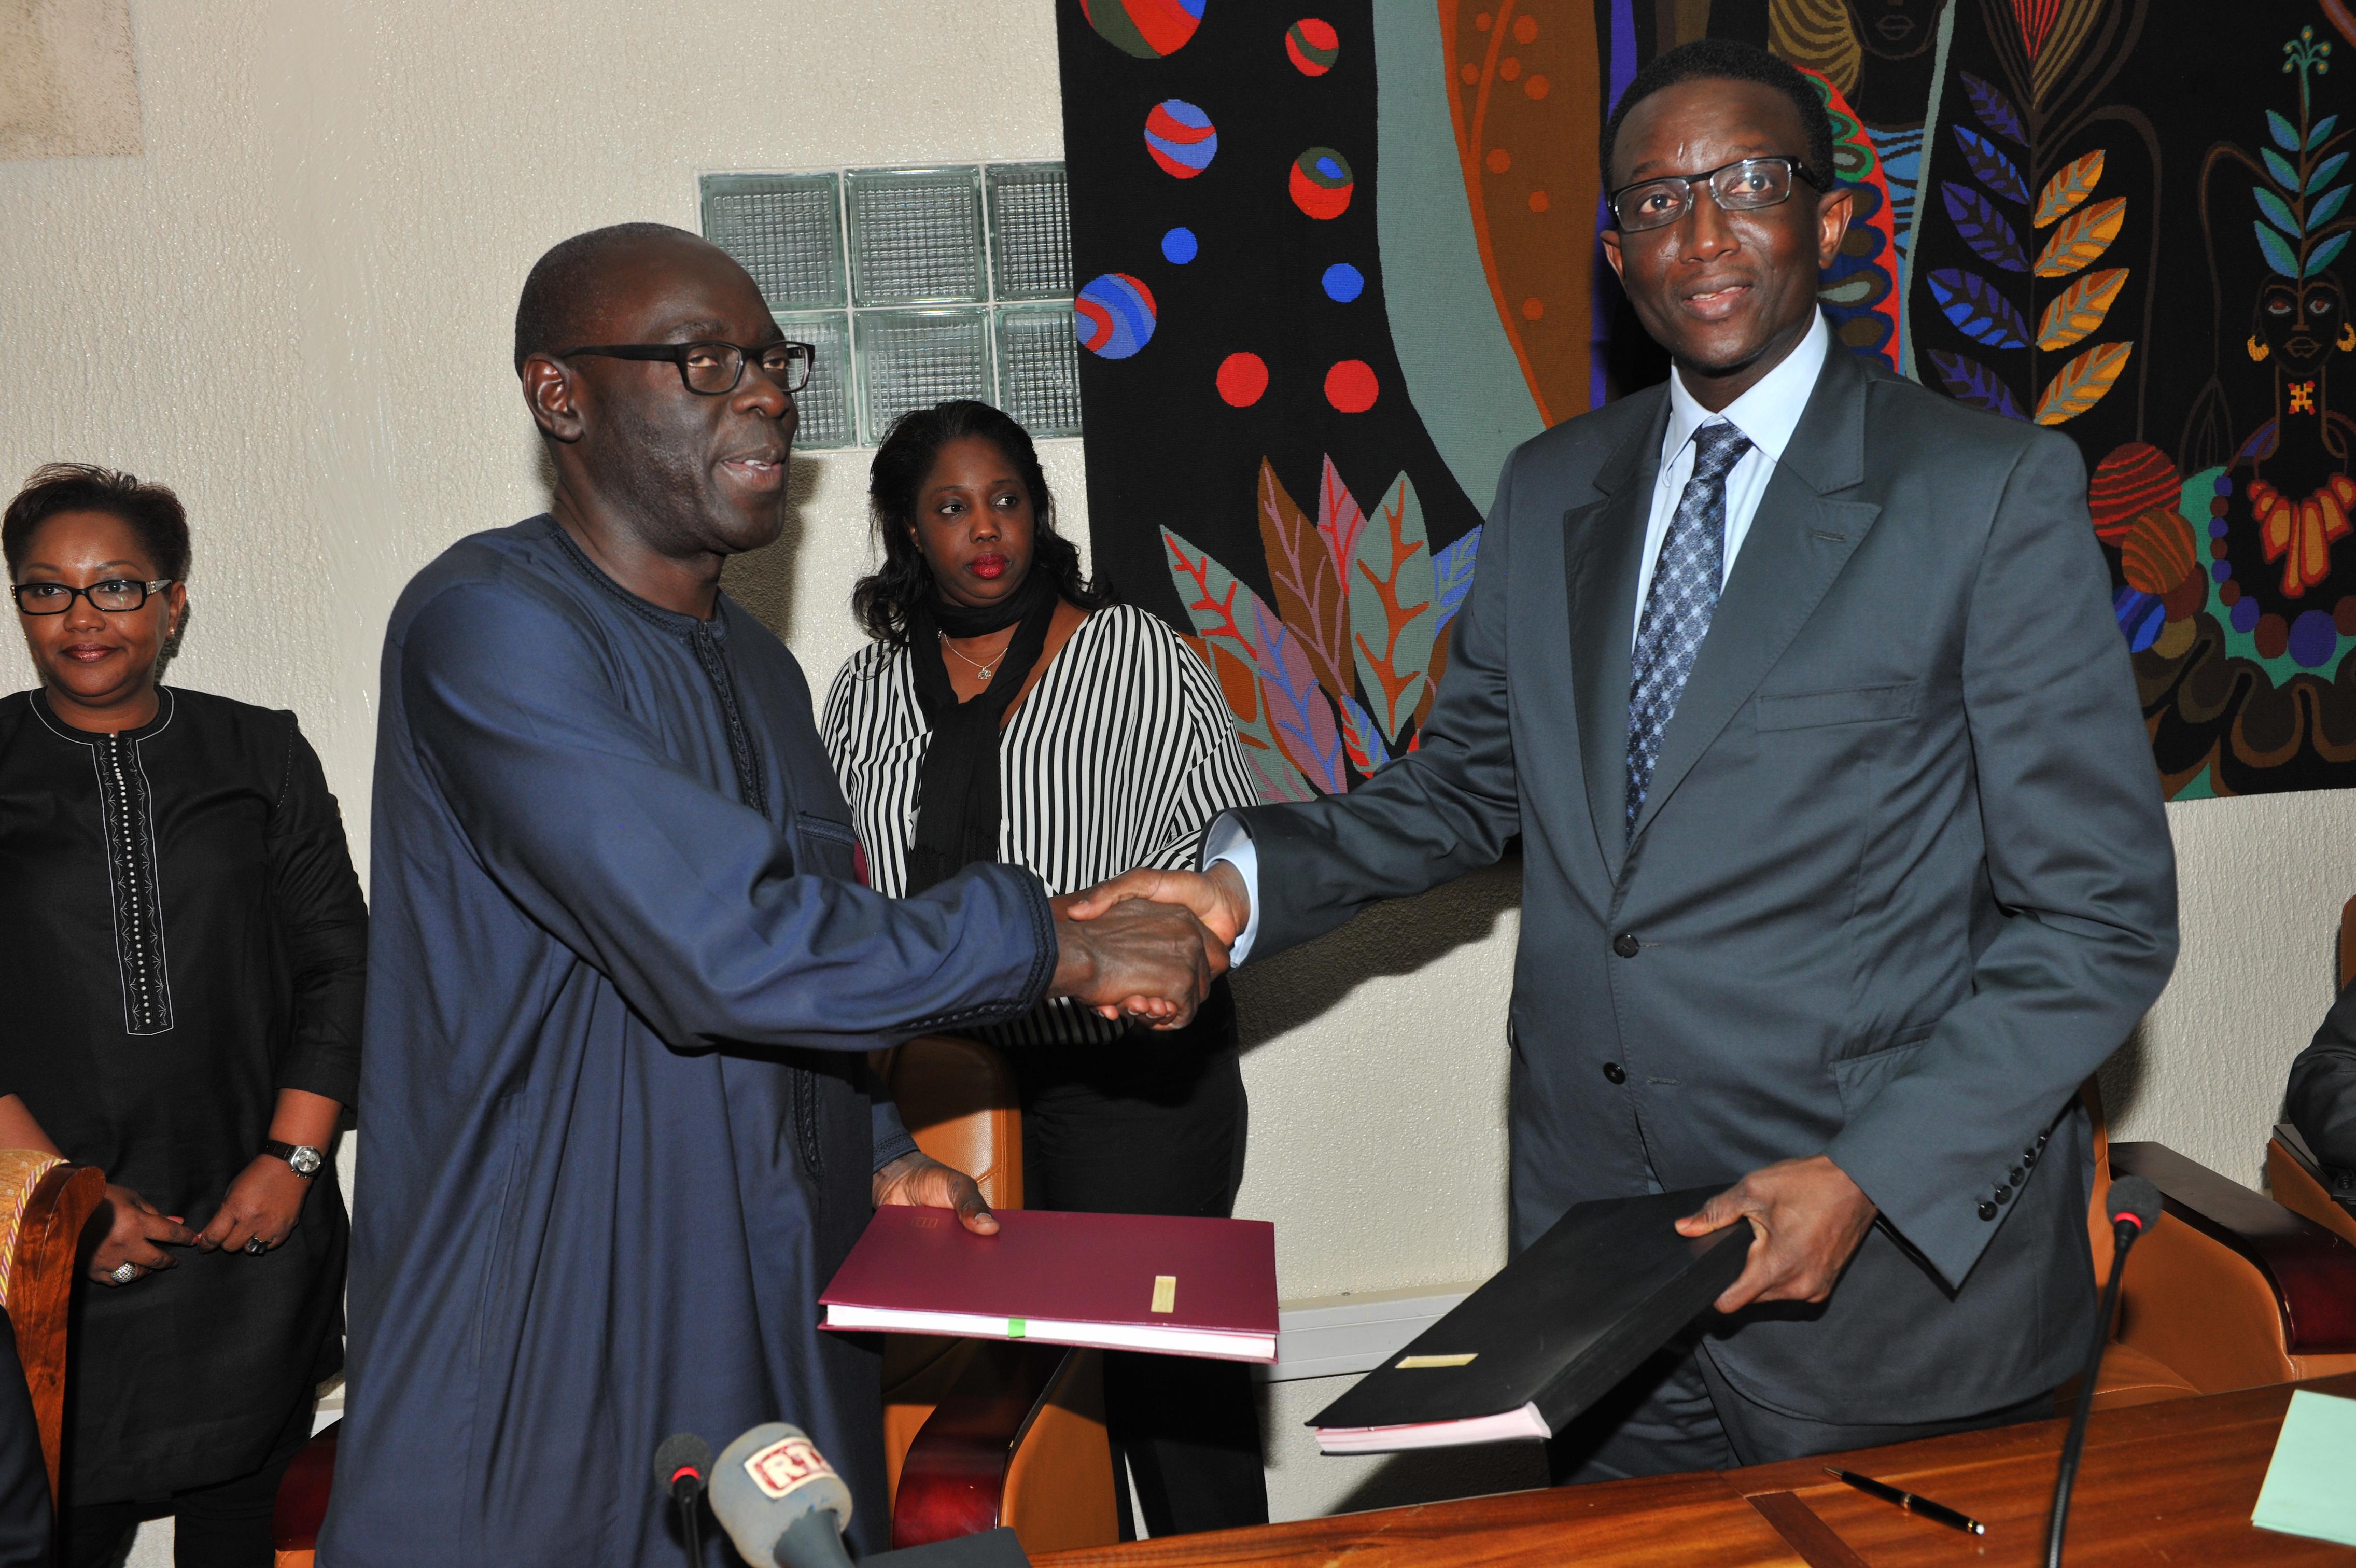 Alioune Ndiaye le Directeur général de la Sonatel à gauche et Amadou Bâ, le Ministre de l'économie et des finances